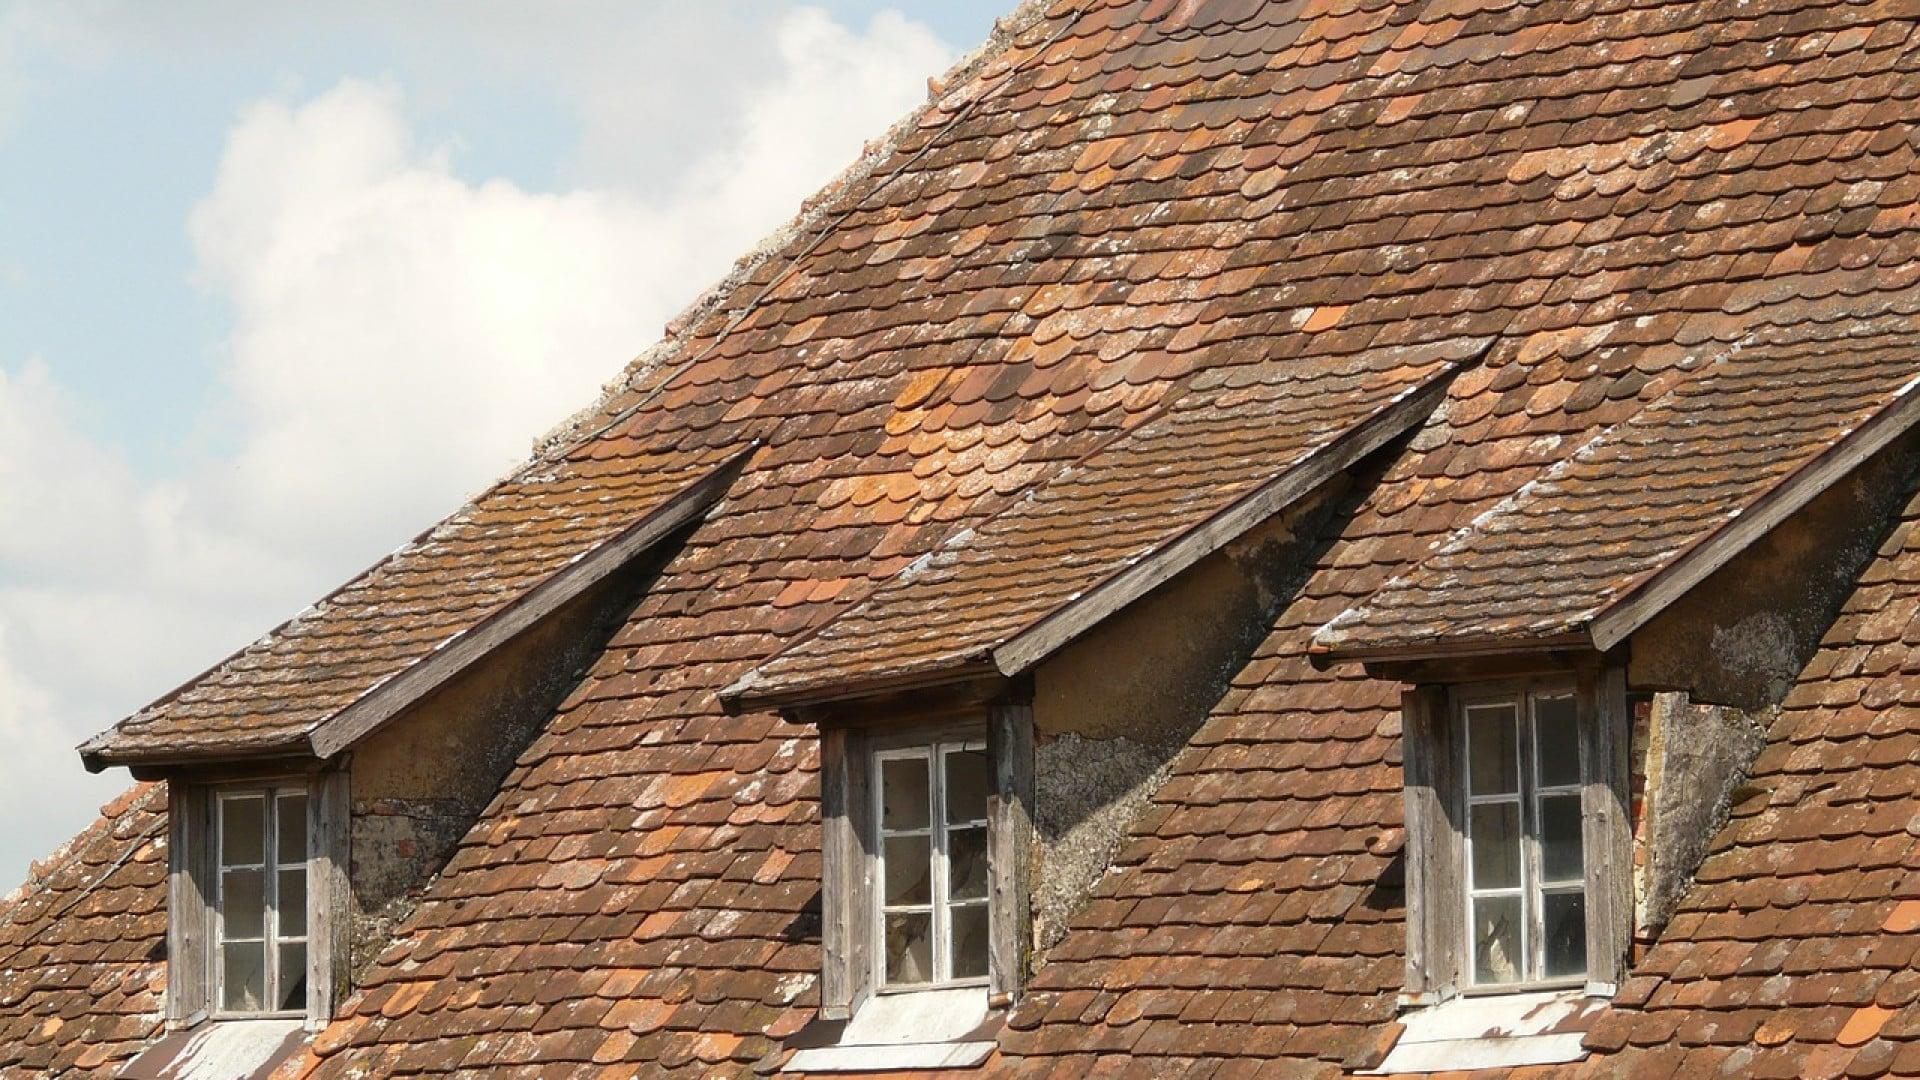 Comment choisir votre revêtement de toiture ? - Fuveau